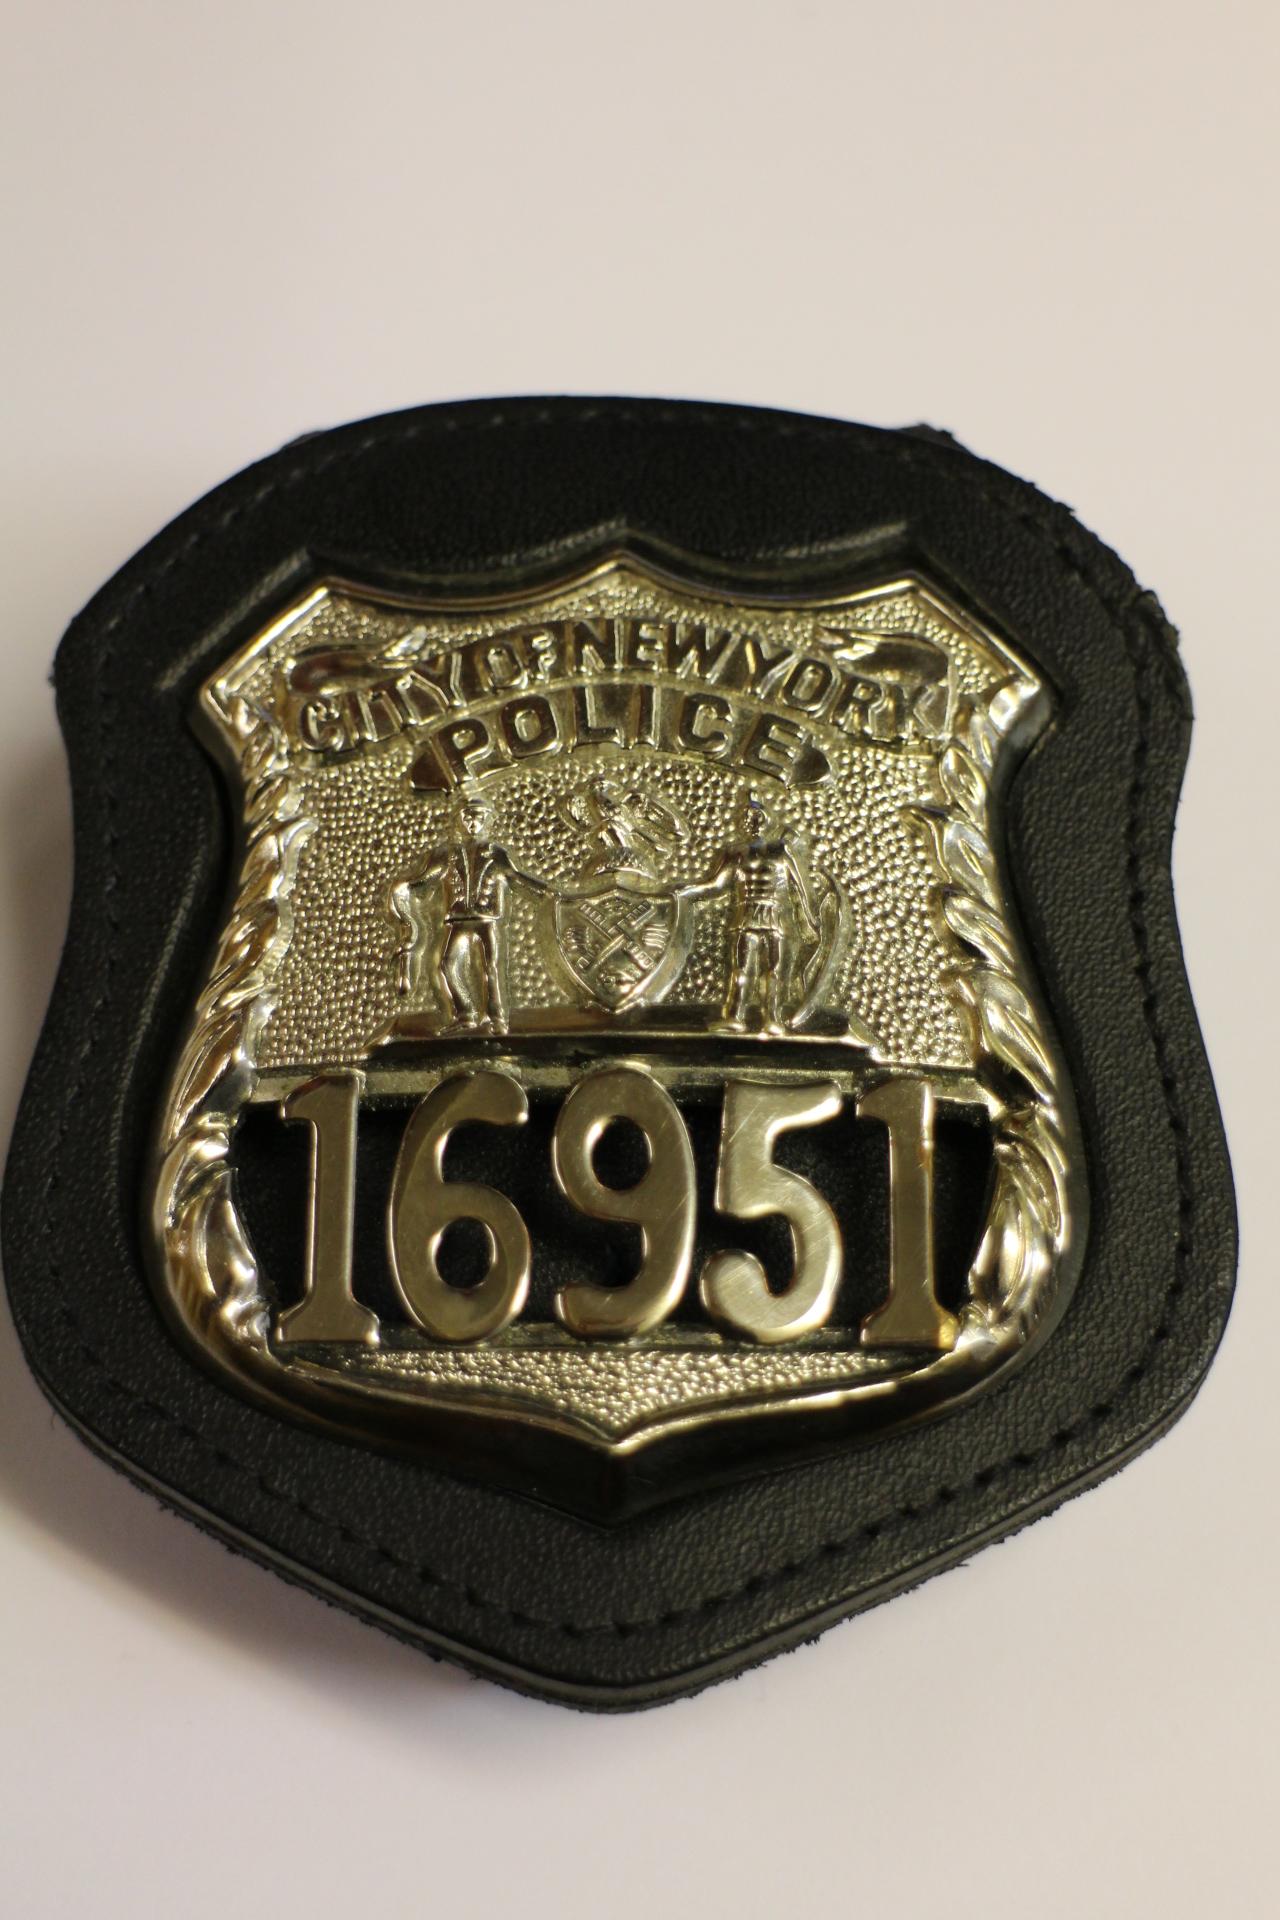 city of new york police mit nummer badge mit holder. Black Bedroom Furniture Sets. Home Design Ideas